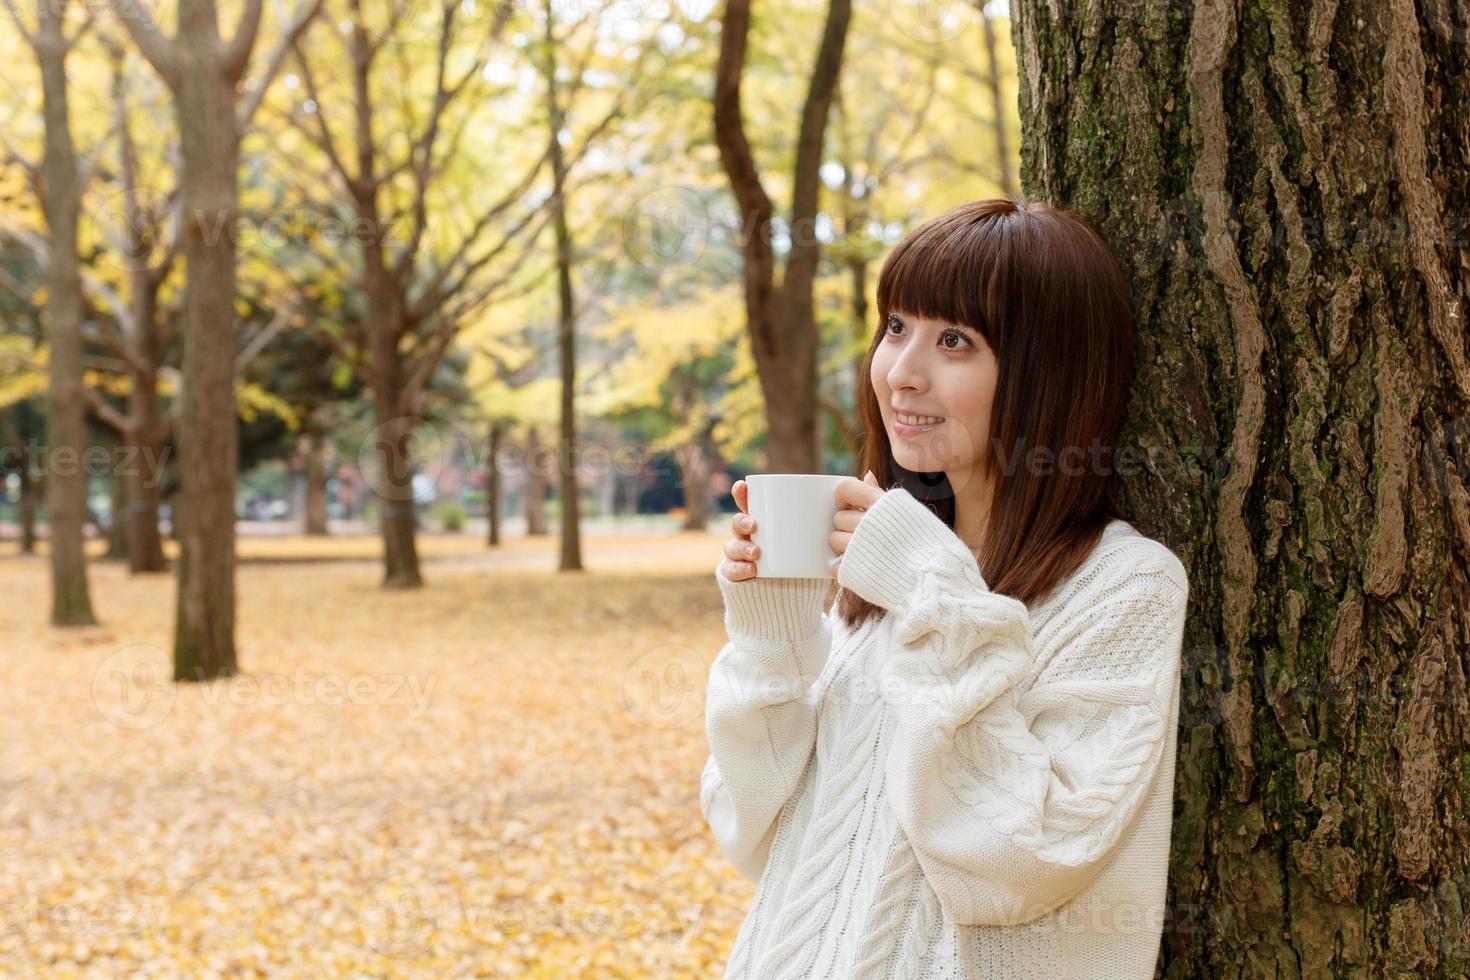 femme qui boit du café photo